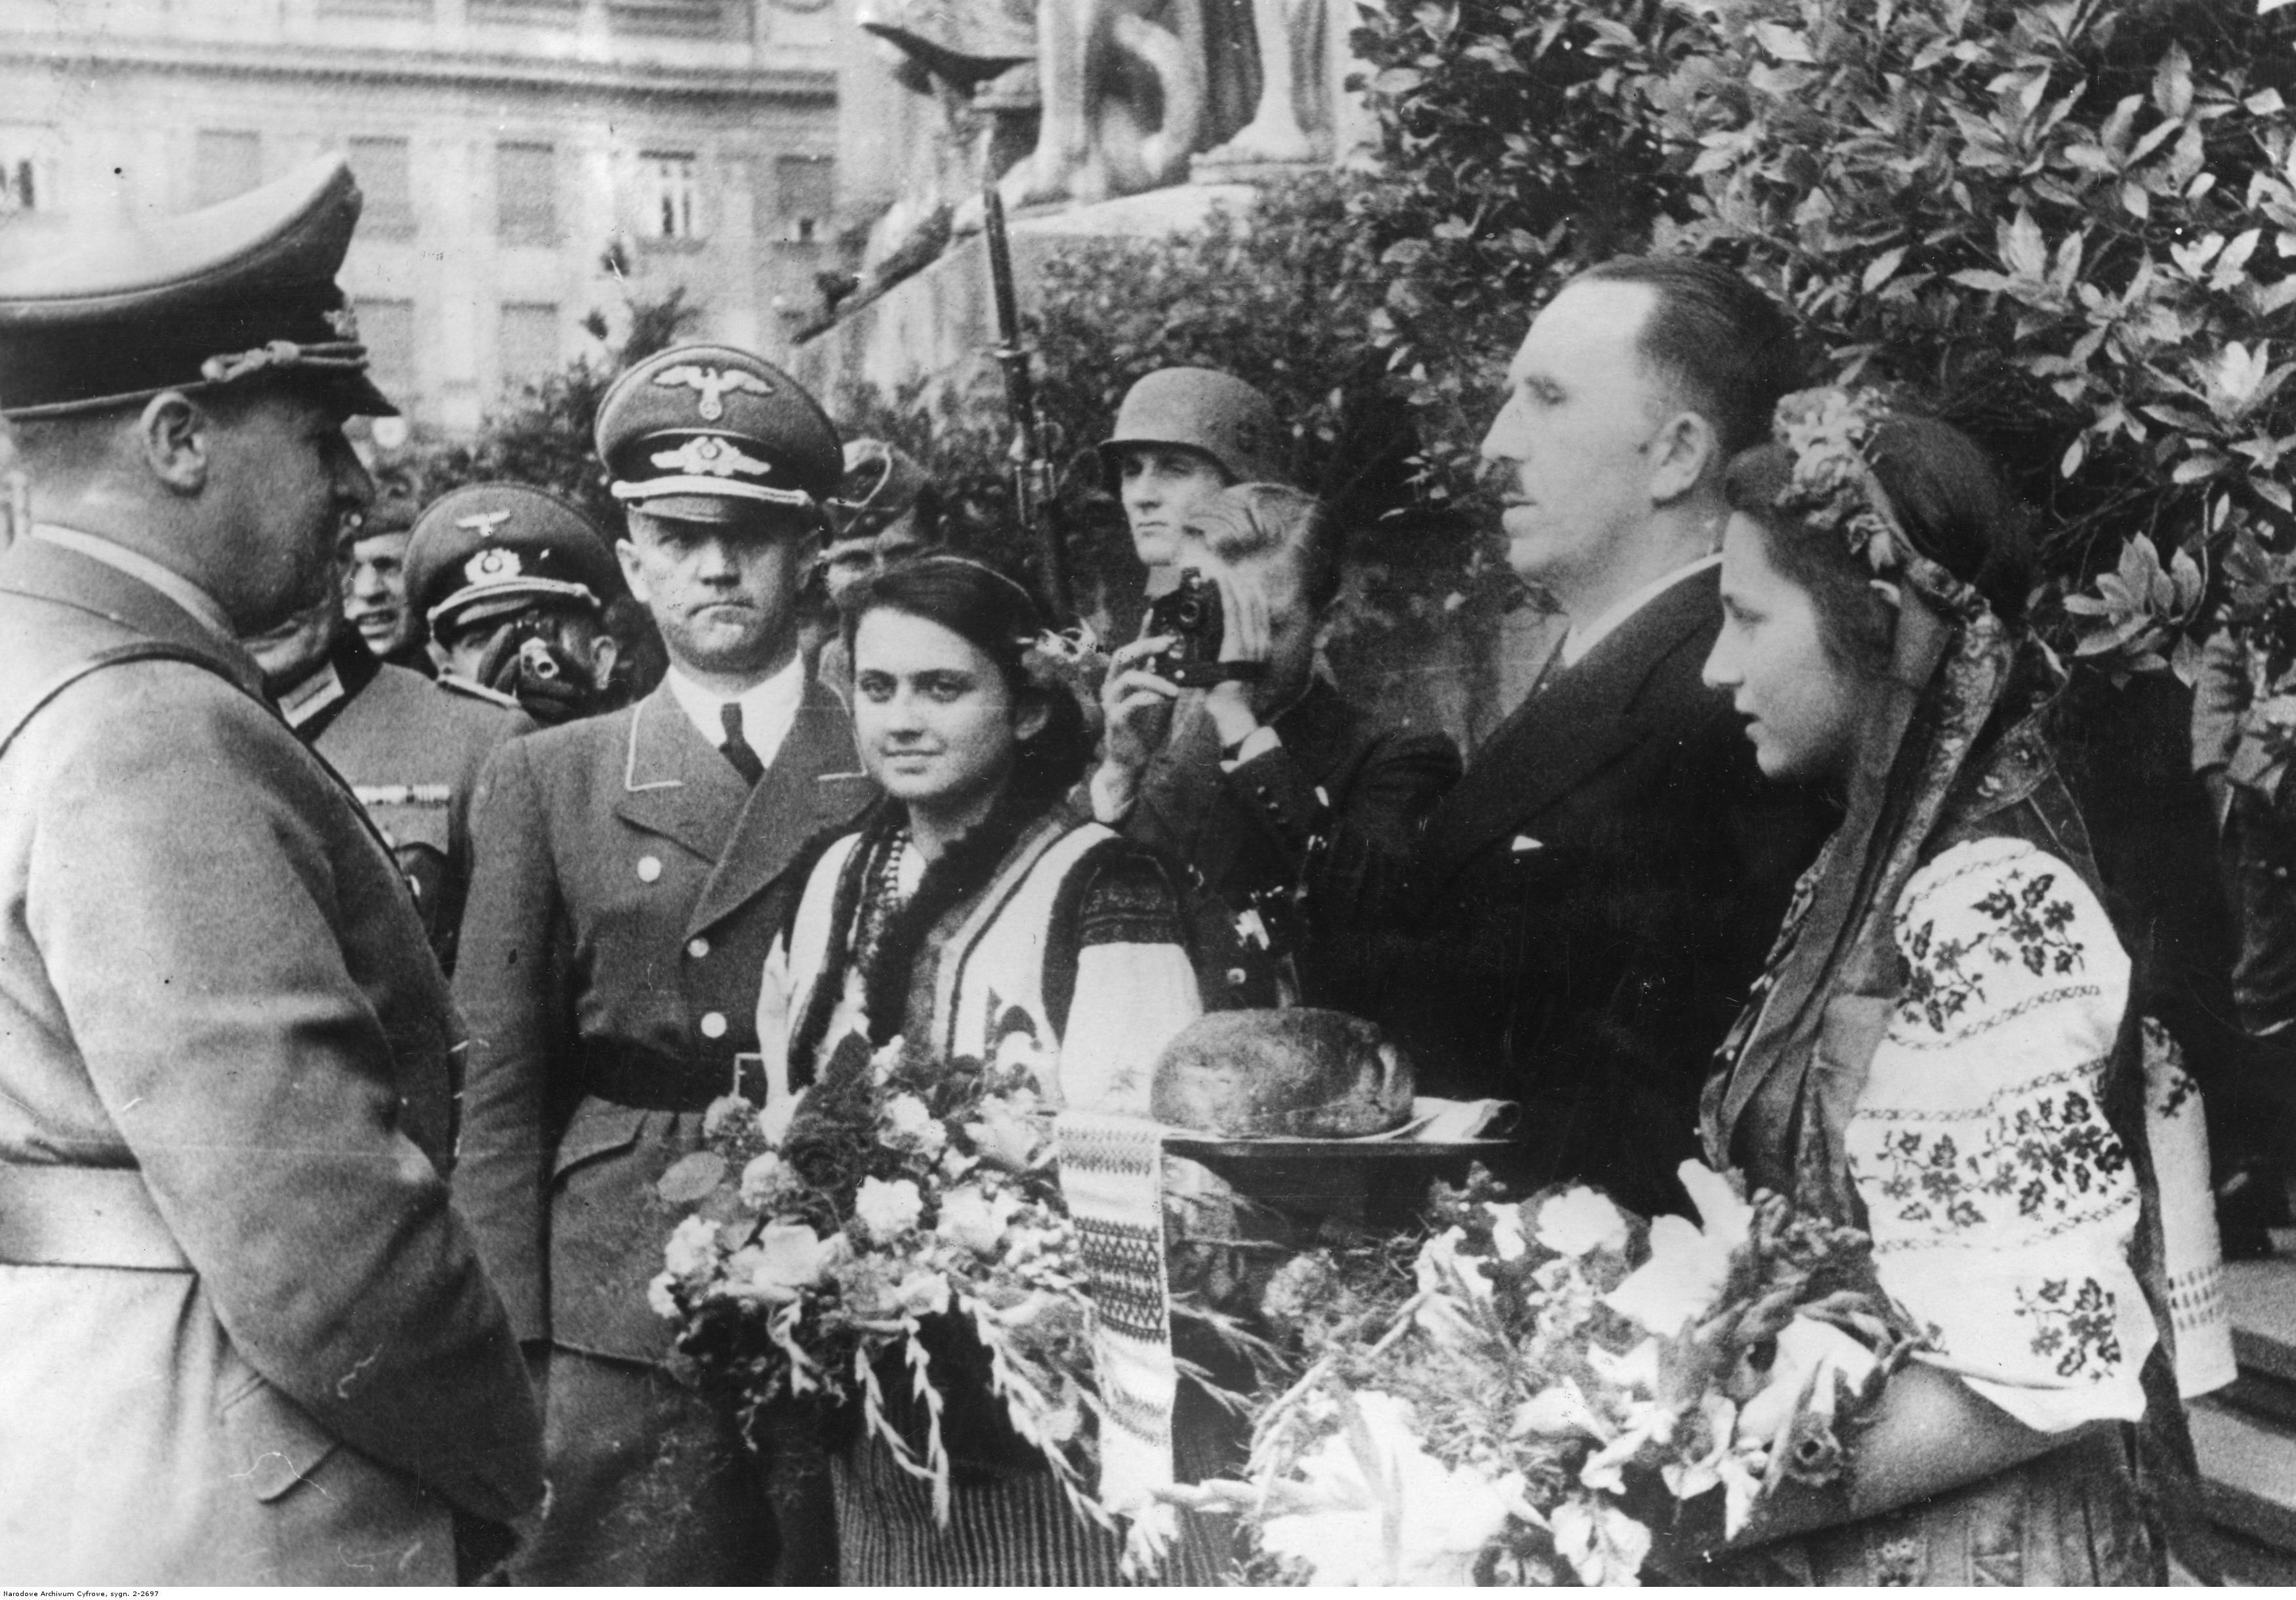 1941. Делегация во главе с мэром Львова приветствует генерал-губернатора Ганса Франка хлебом-солью перед Сеймом. 1 августа